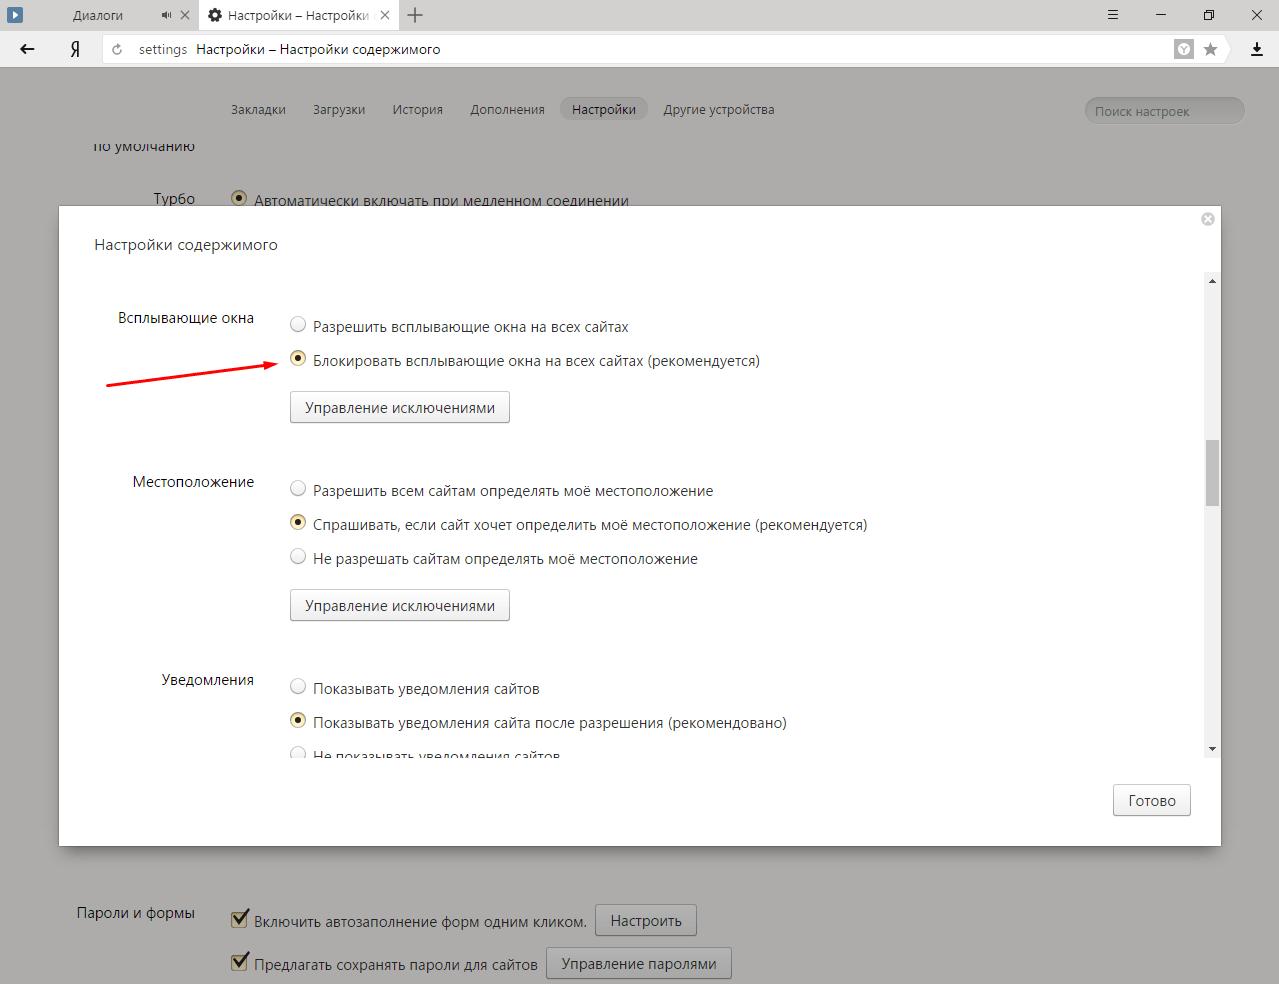 Как сделать чтобы не всплывали окна с рекламой в яндекс браузере